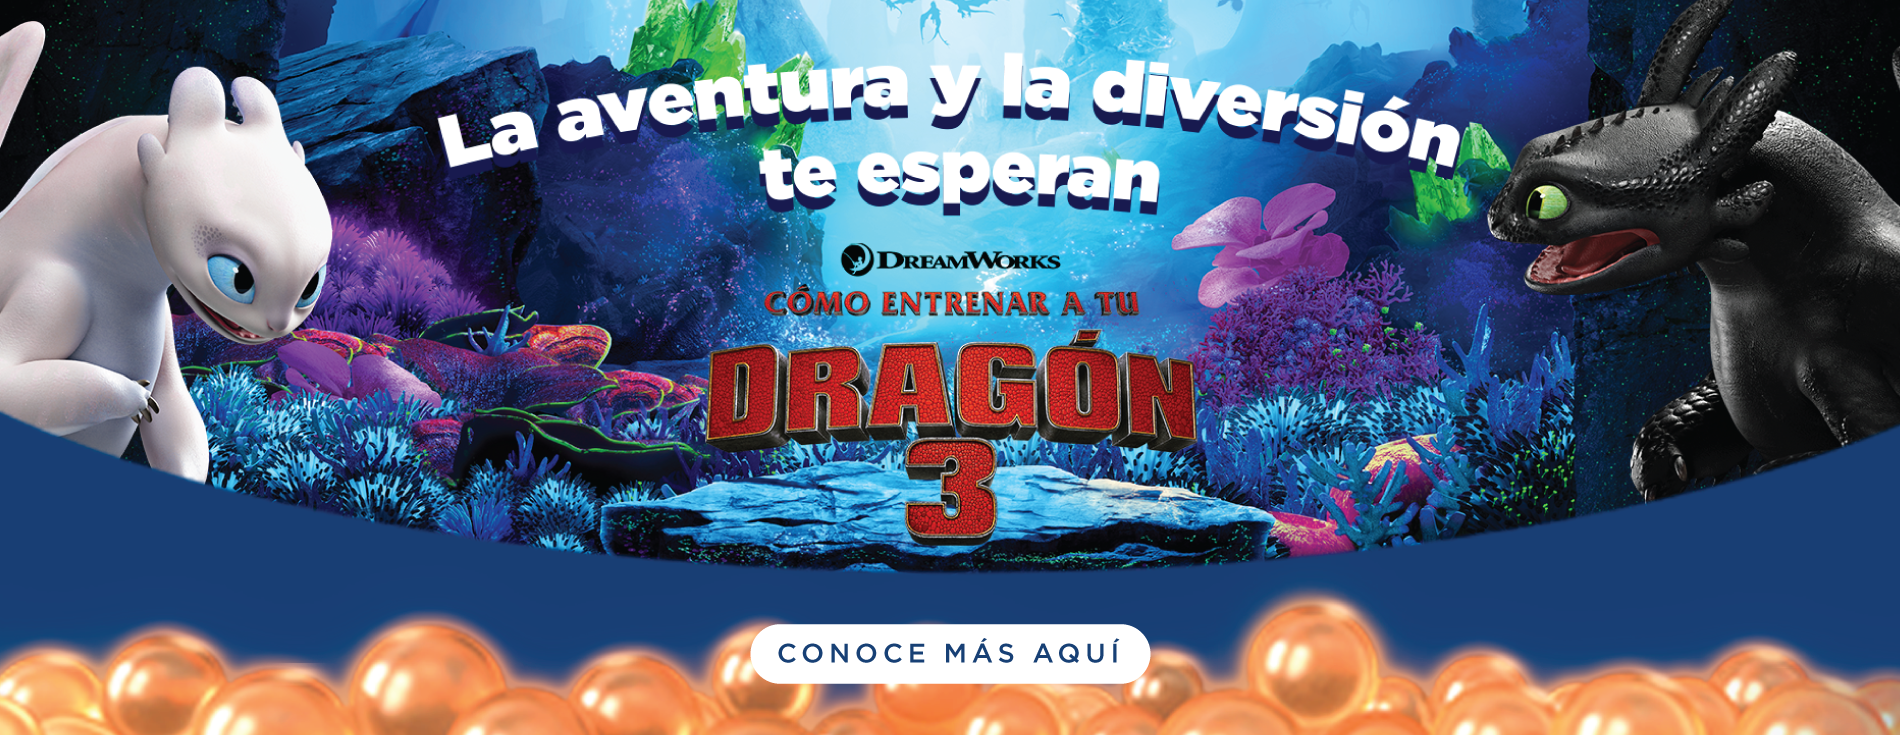 Cómo entrenar a tu dragón 3 - Villavicencio